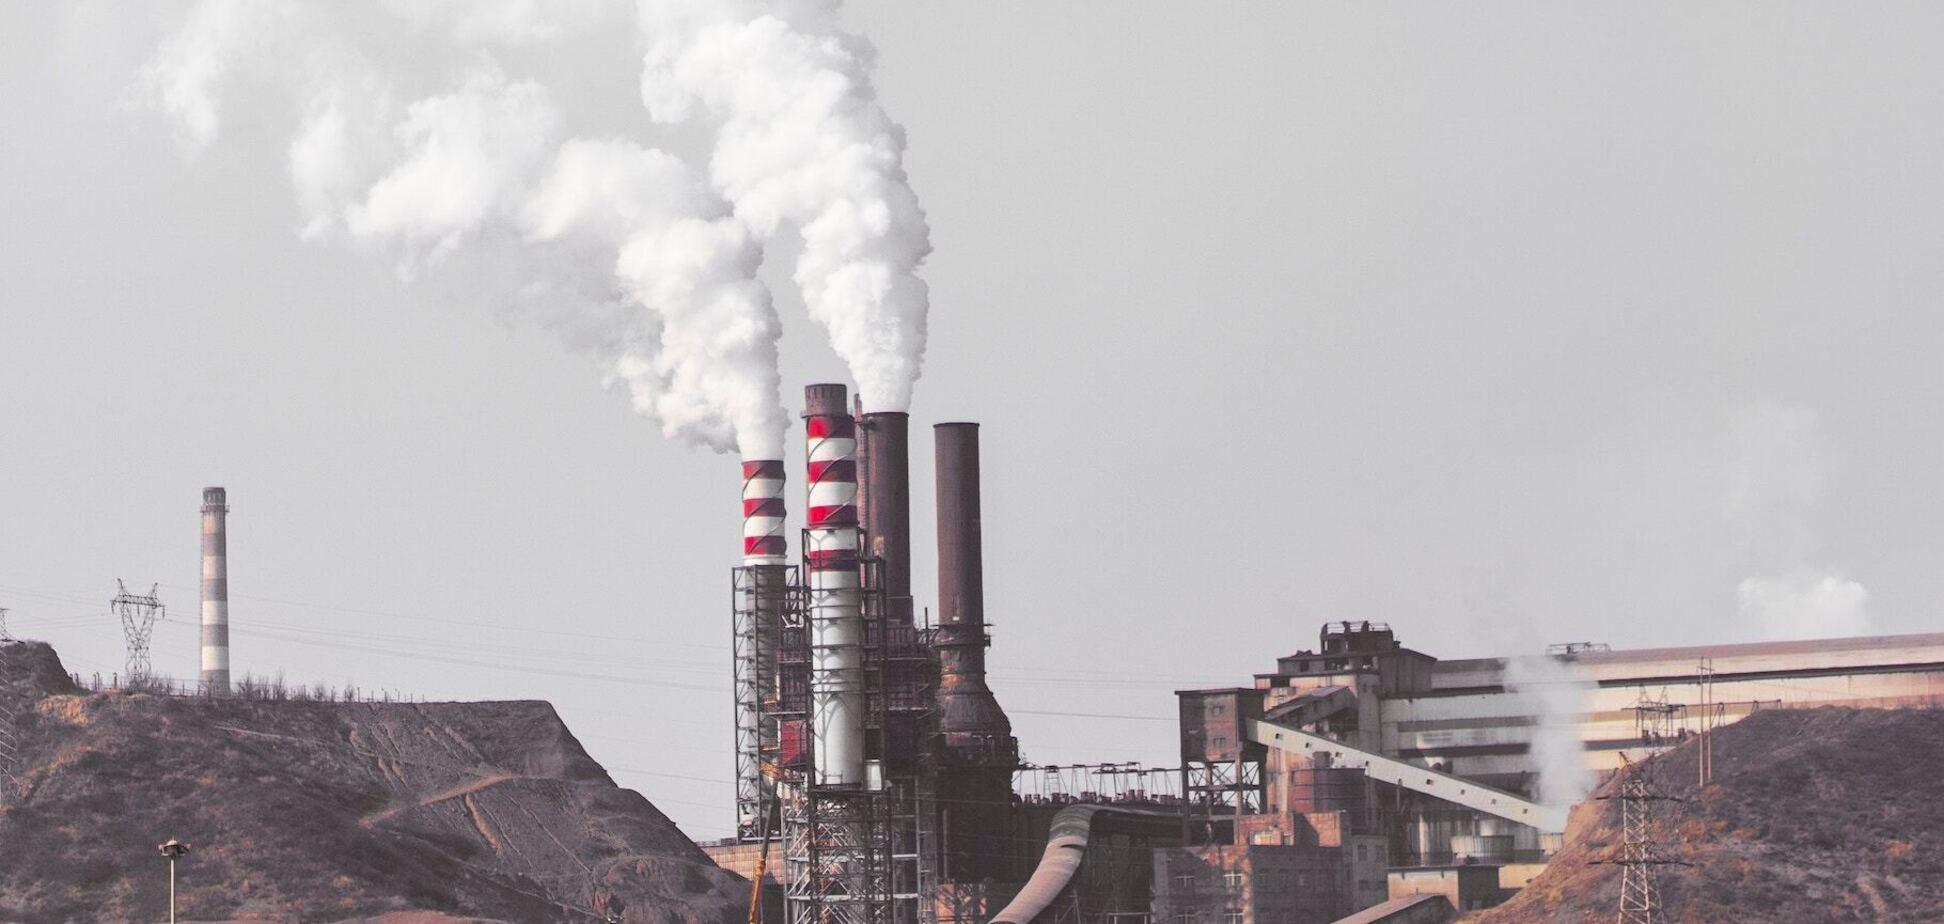 Законопроєкт про промислові викиди призведе до закриття підприємств в Україні